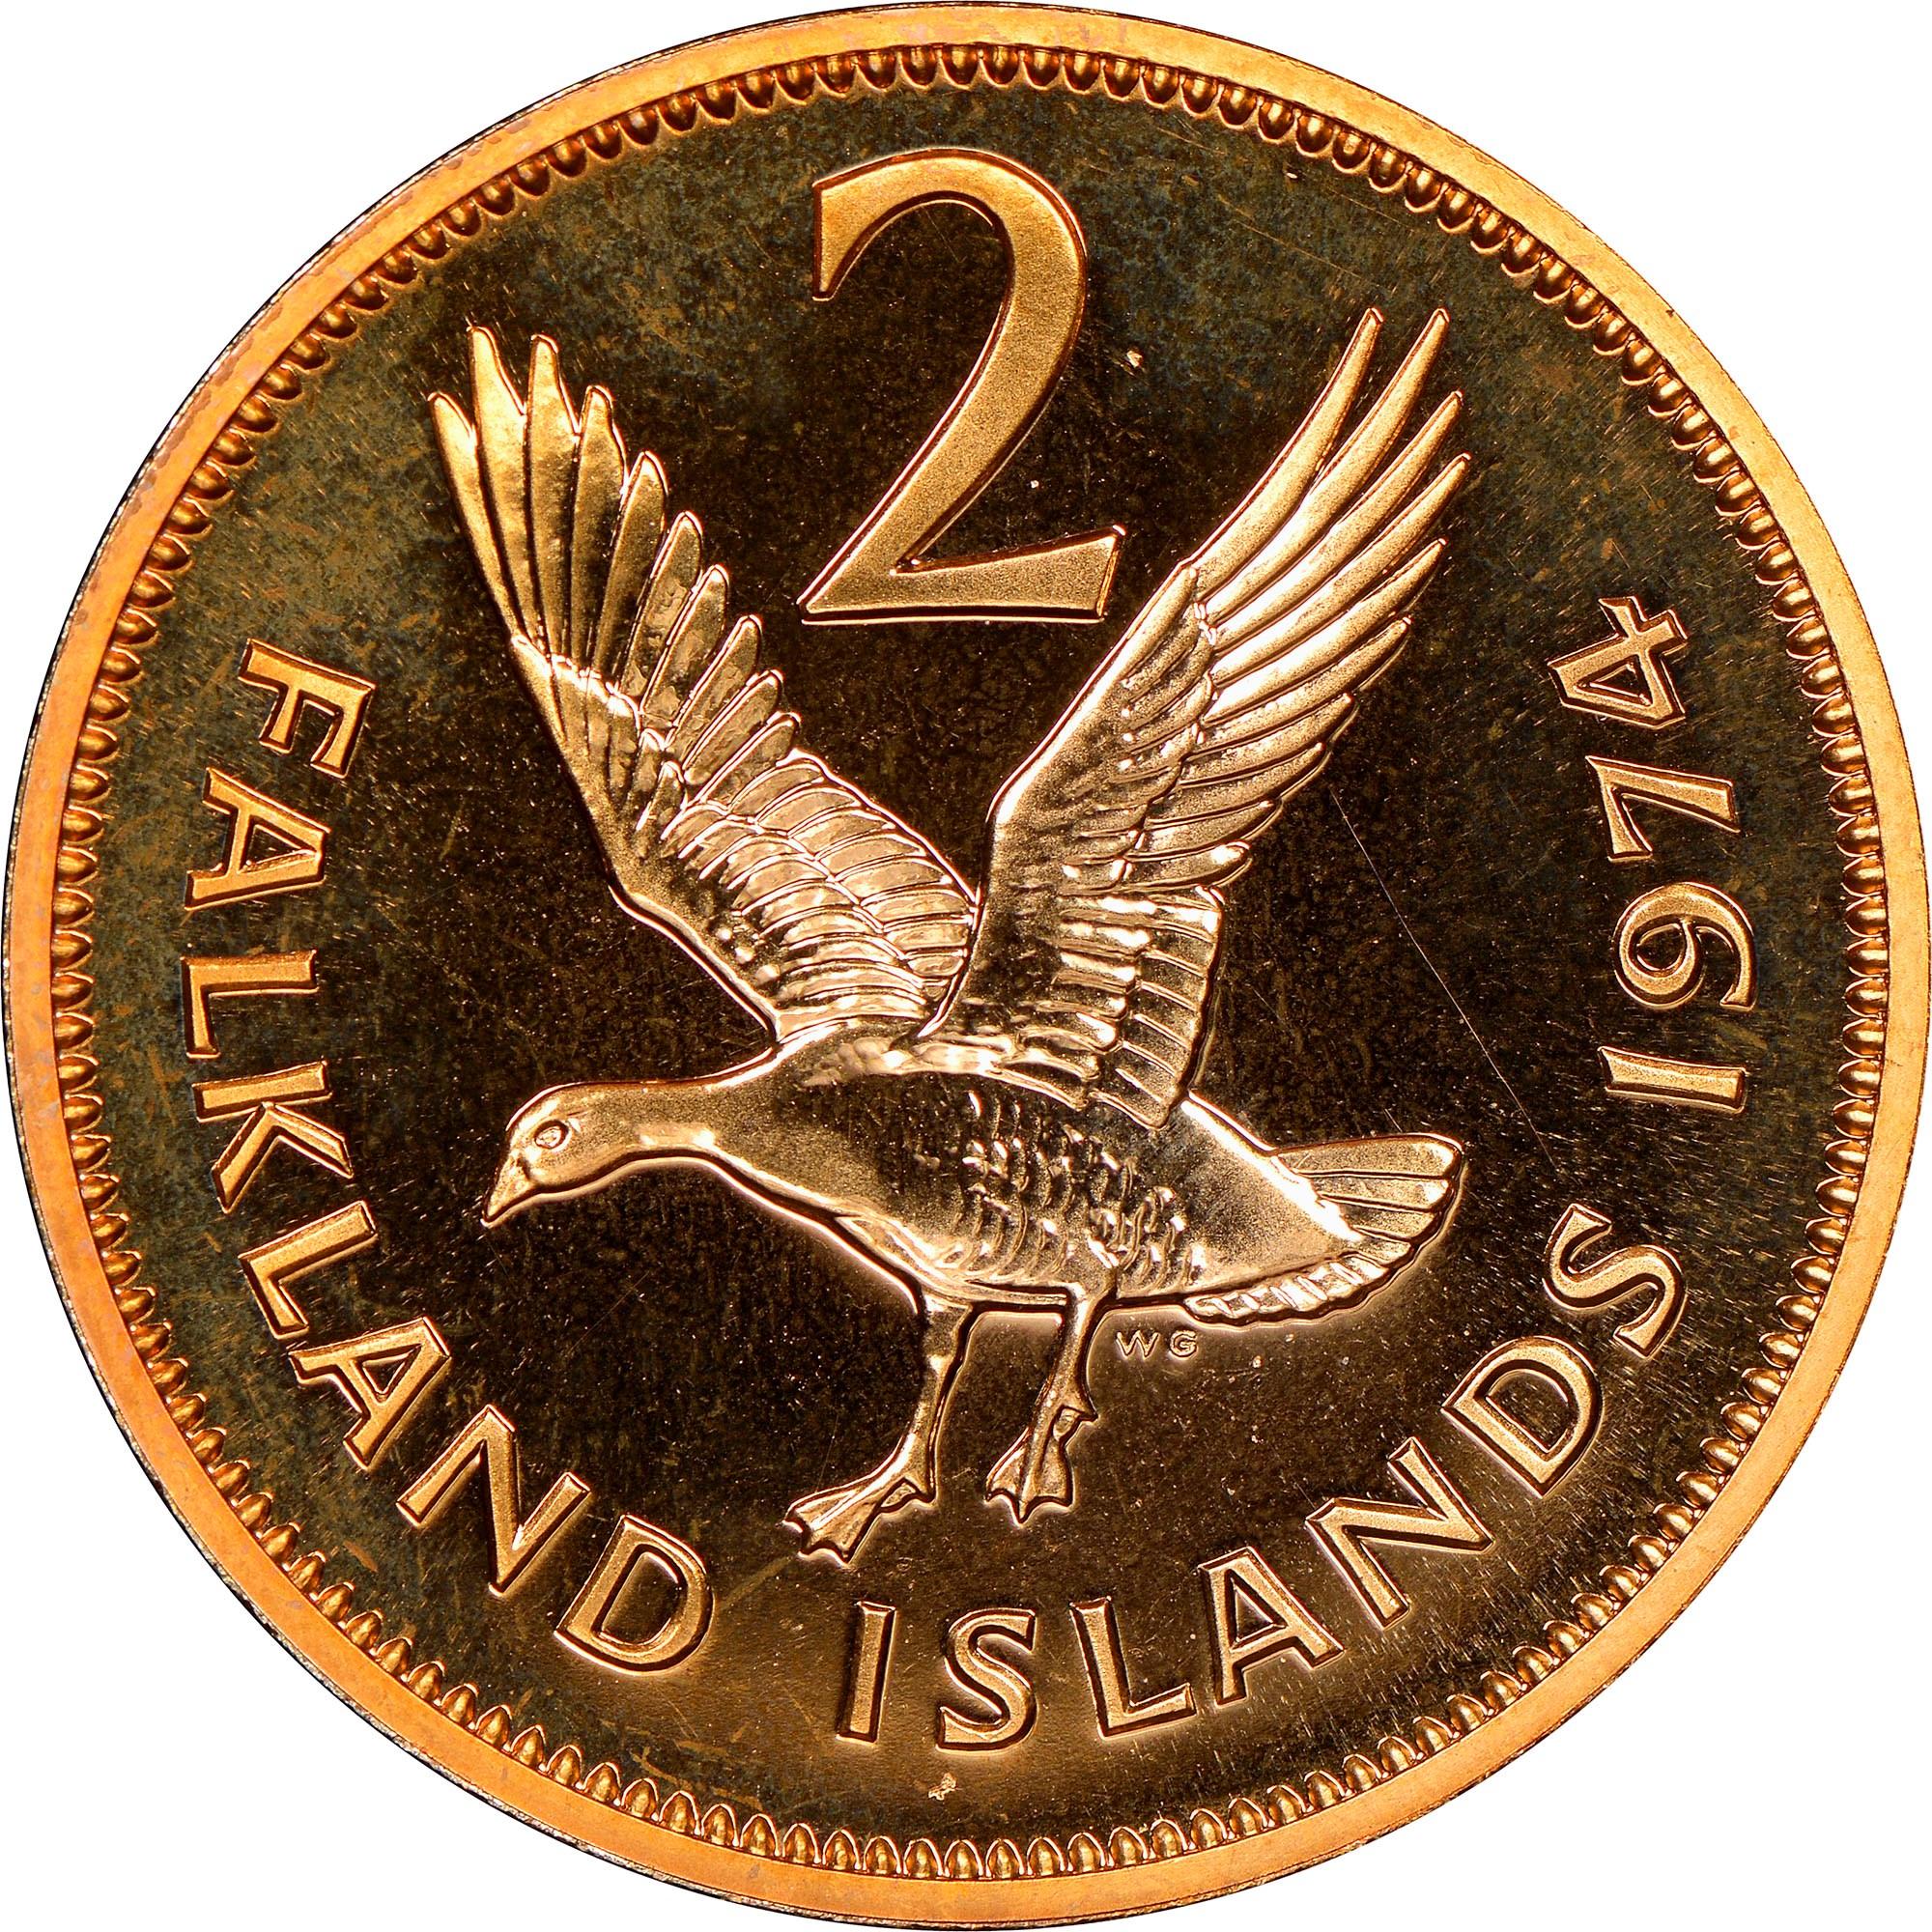 Falkland Islands 2 Pence reverse